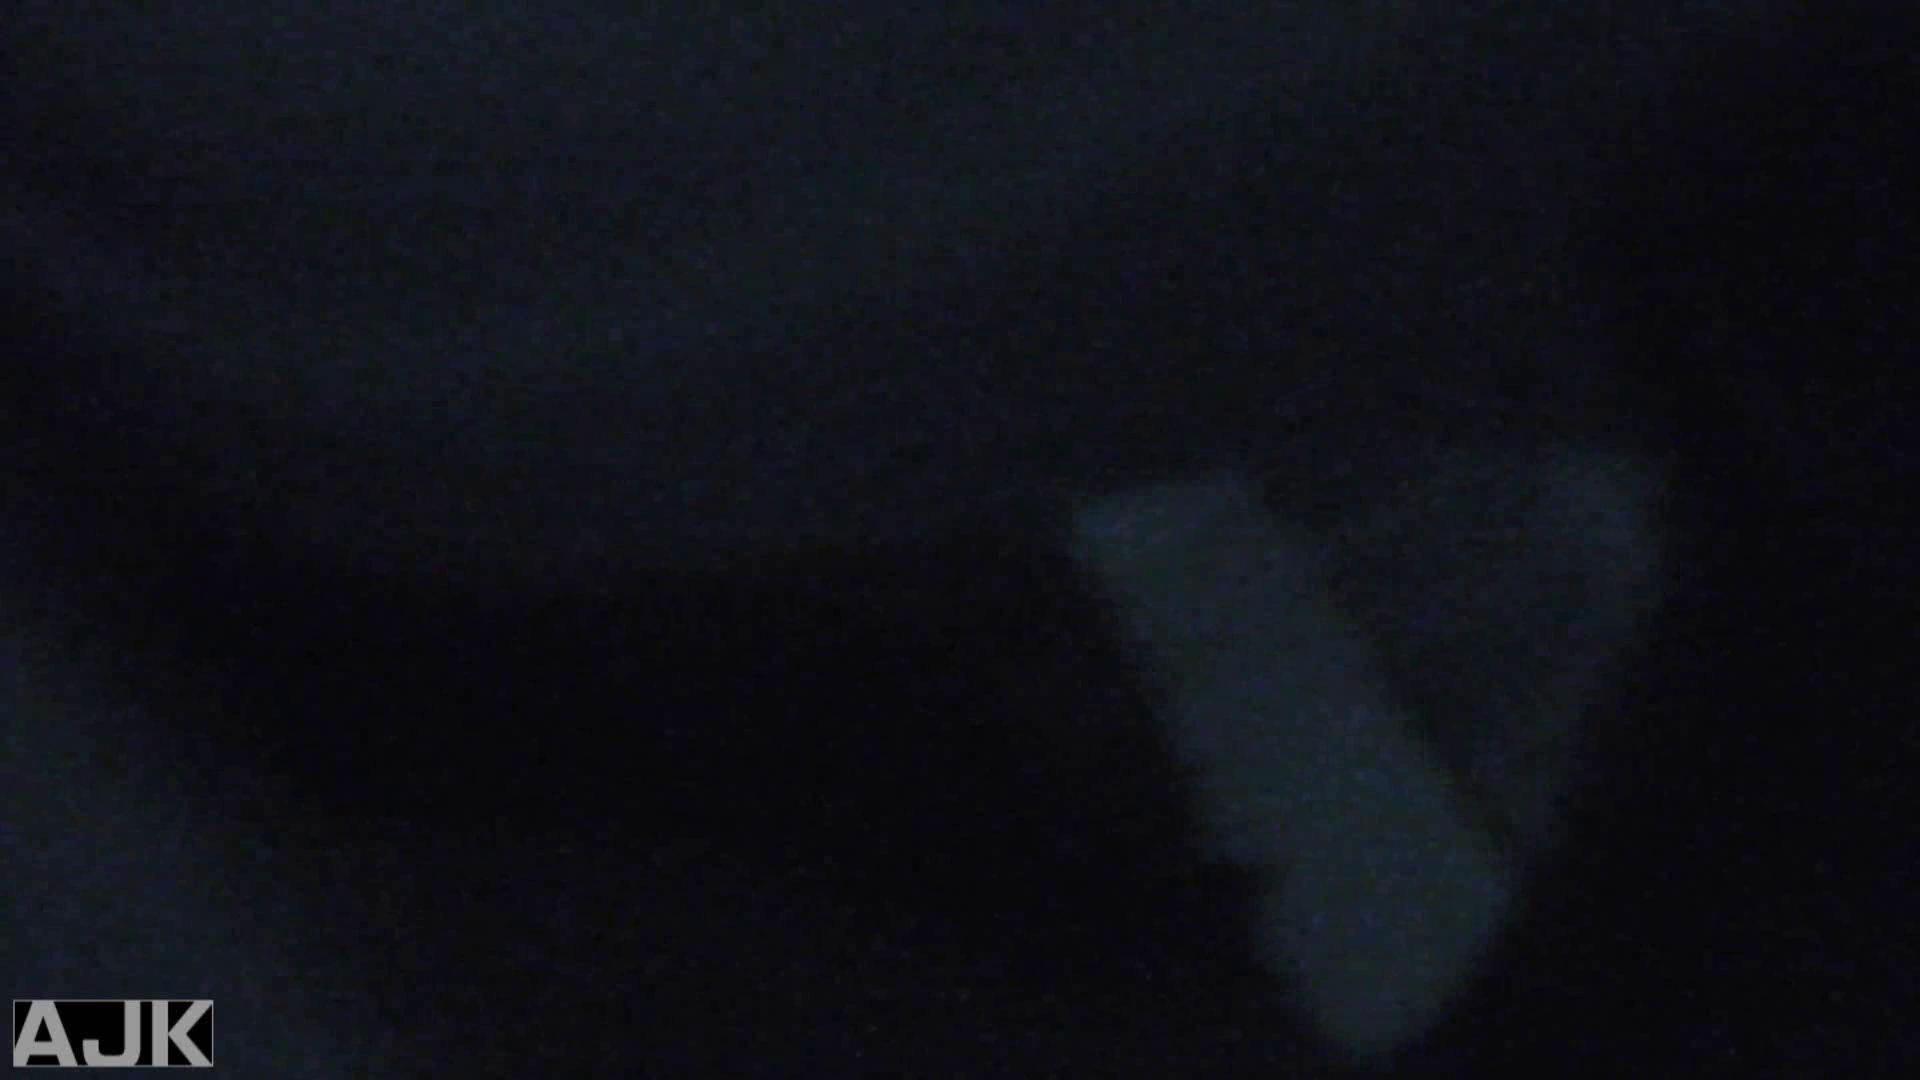 神降臨!史上最強の潜入かわや! vol.05 オマンコ 盗み撮り動画キャプチャ 92連発 54